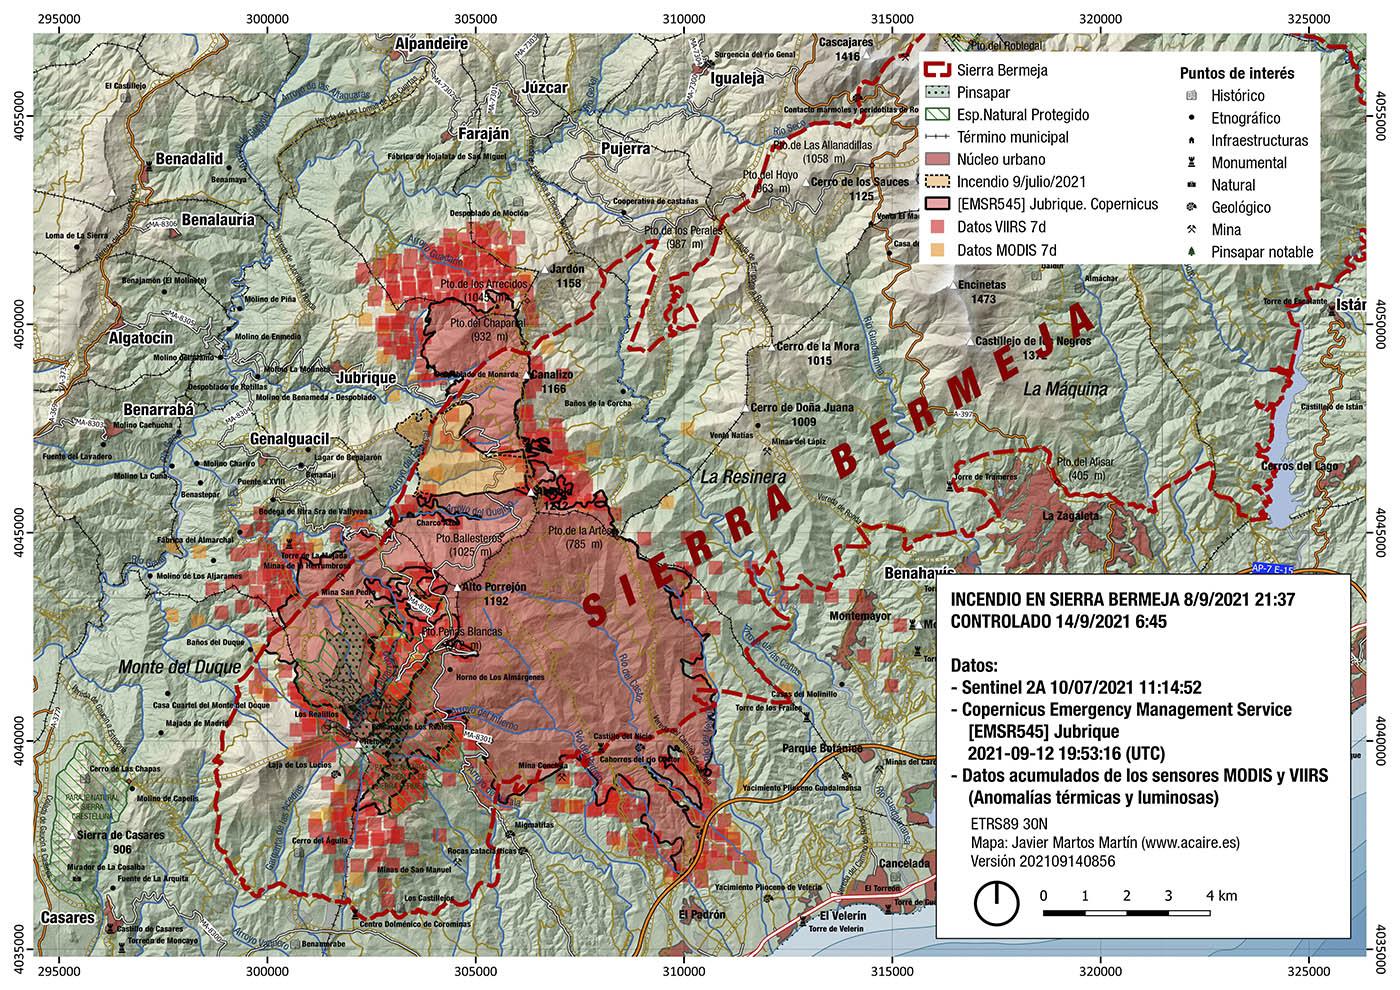 Incendio de Sierra Bermeja. Estimación del 14/9/2021